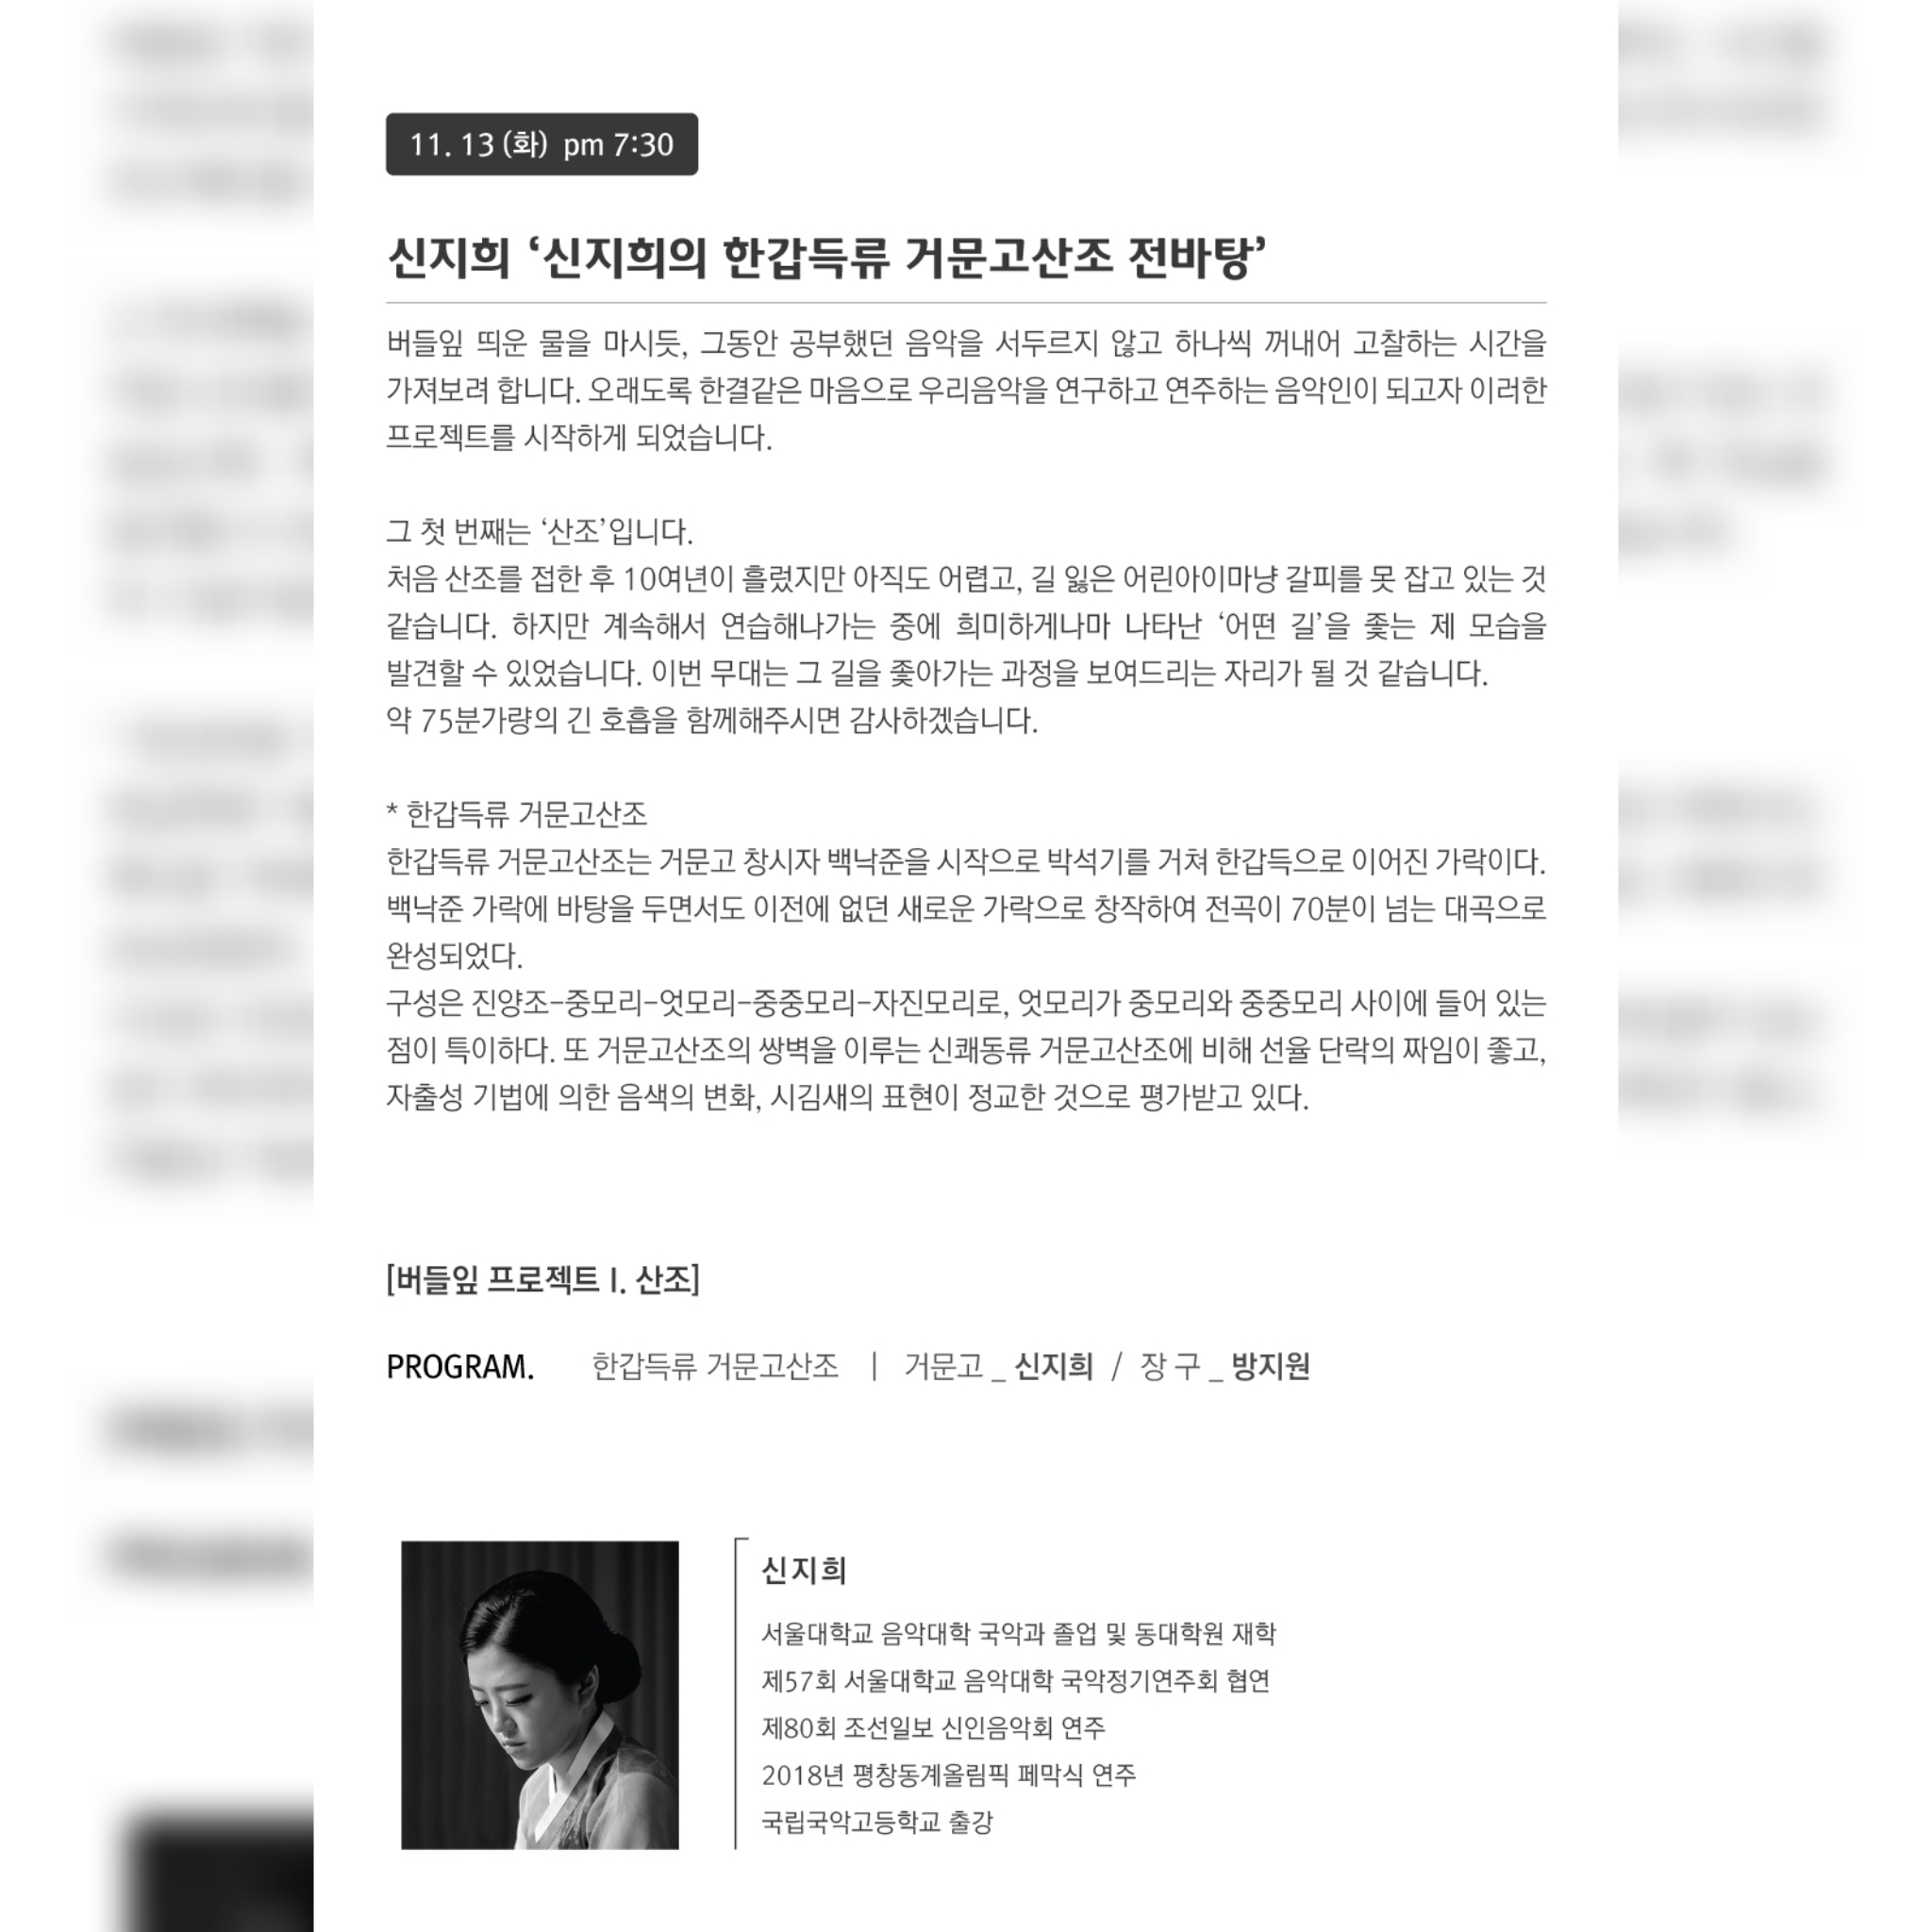 2018 아트홀가얏고을 가을시즌 기획공연 긴산조전 - 버들잎 프로젝트I. 산조